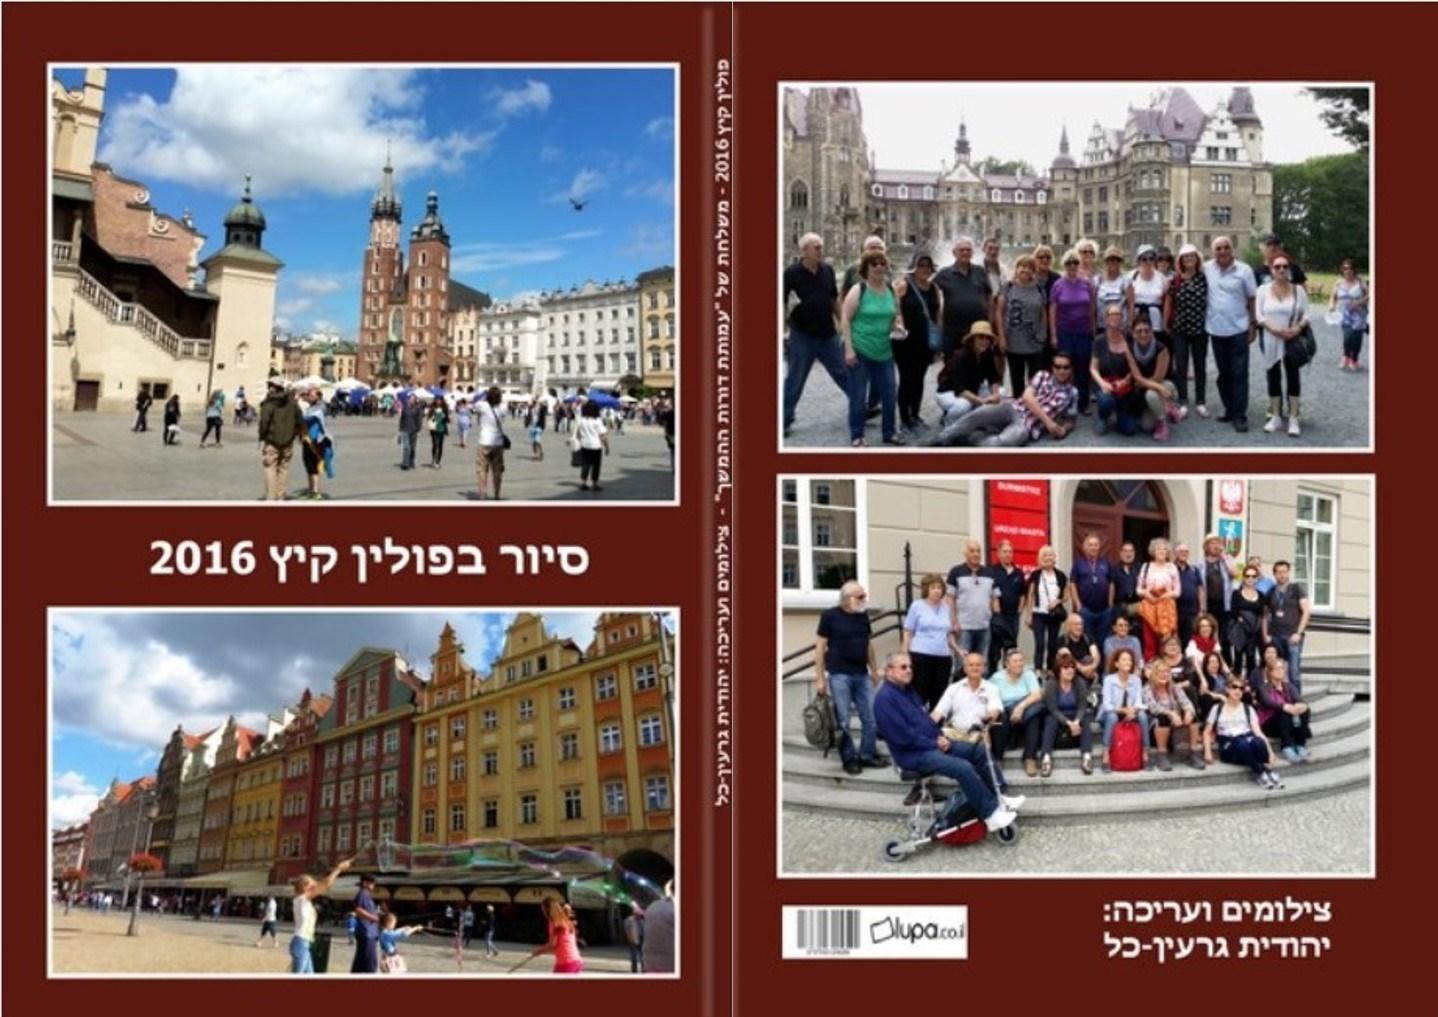 """ספר חדש סיור בפולין קיץ 2016 עם """"עמותת דורות ההמשך"""" שלזיה  ורוצלב וקראקוב."""